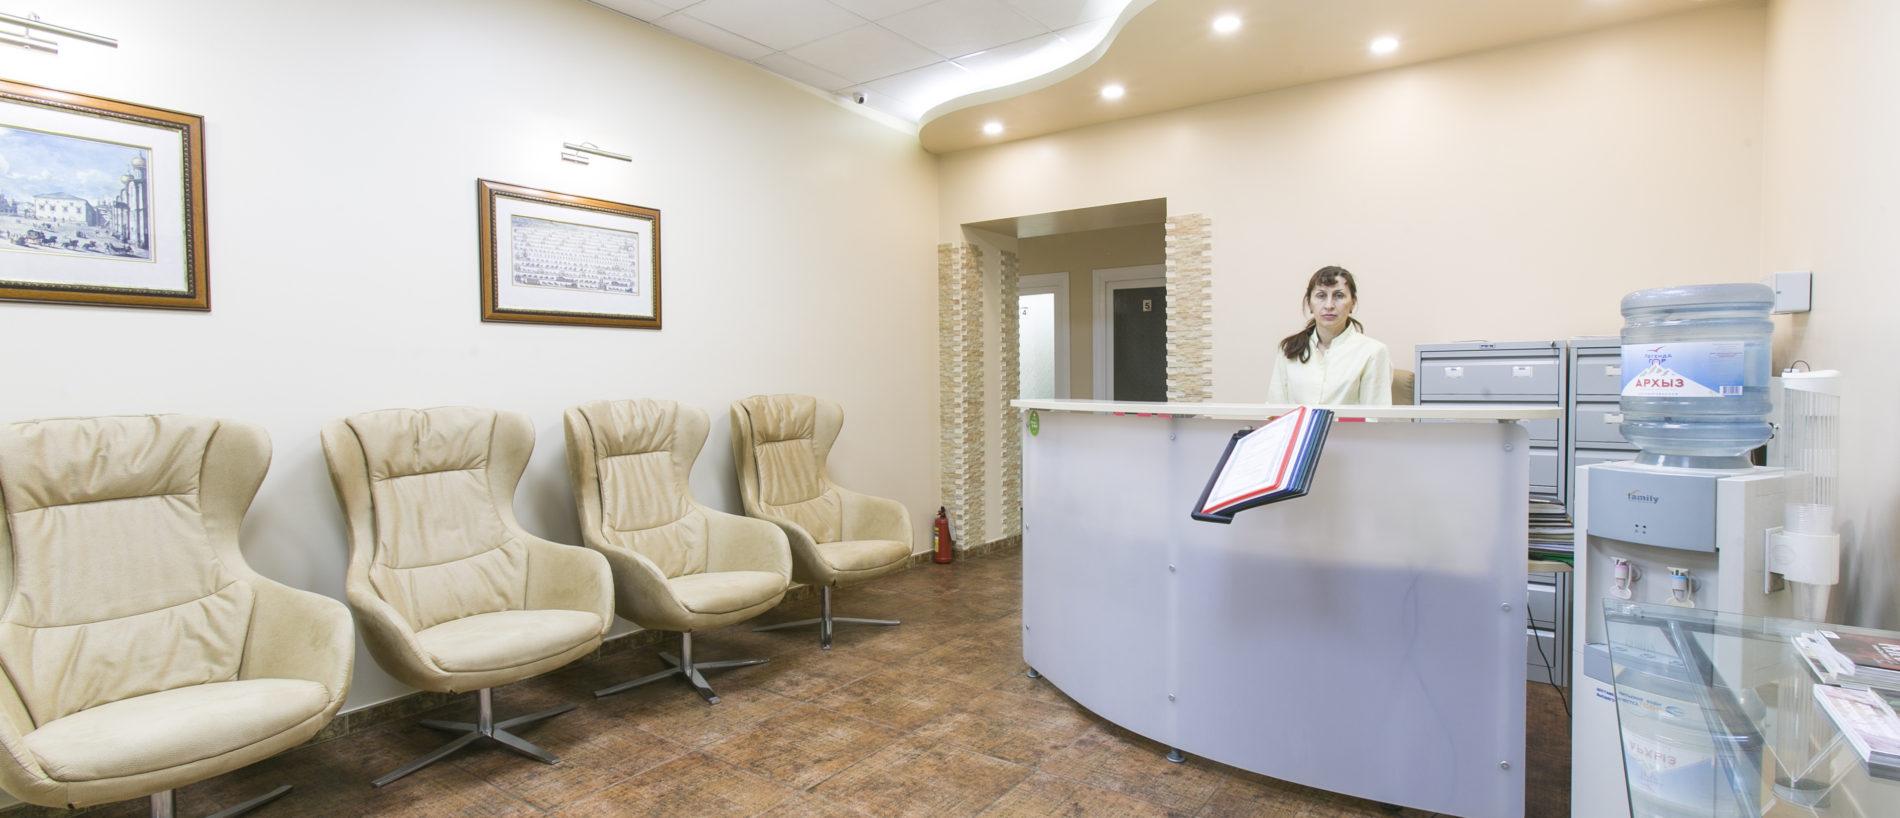 Вся стоматологическая помощь  под одной крышей